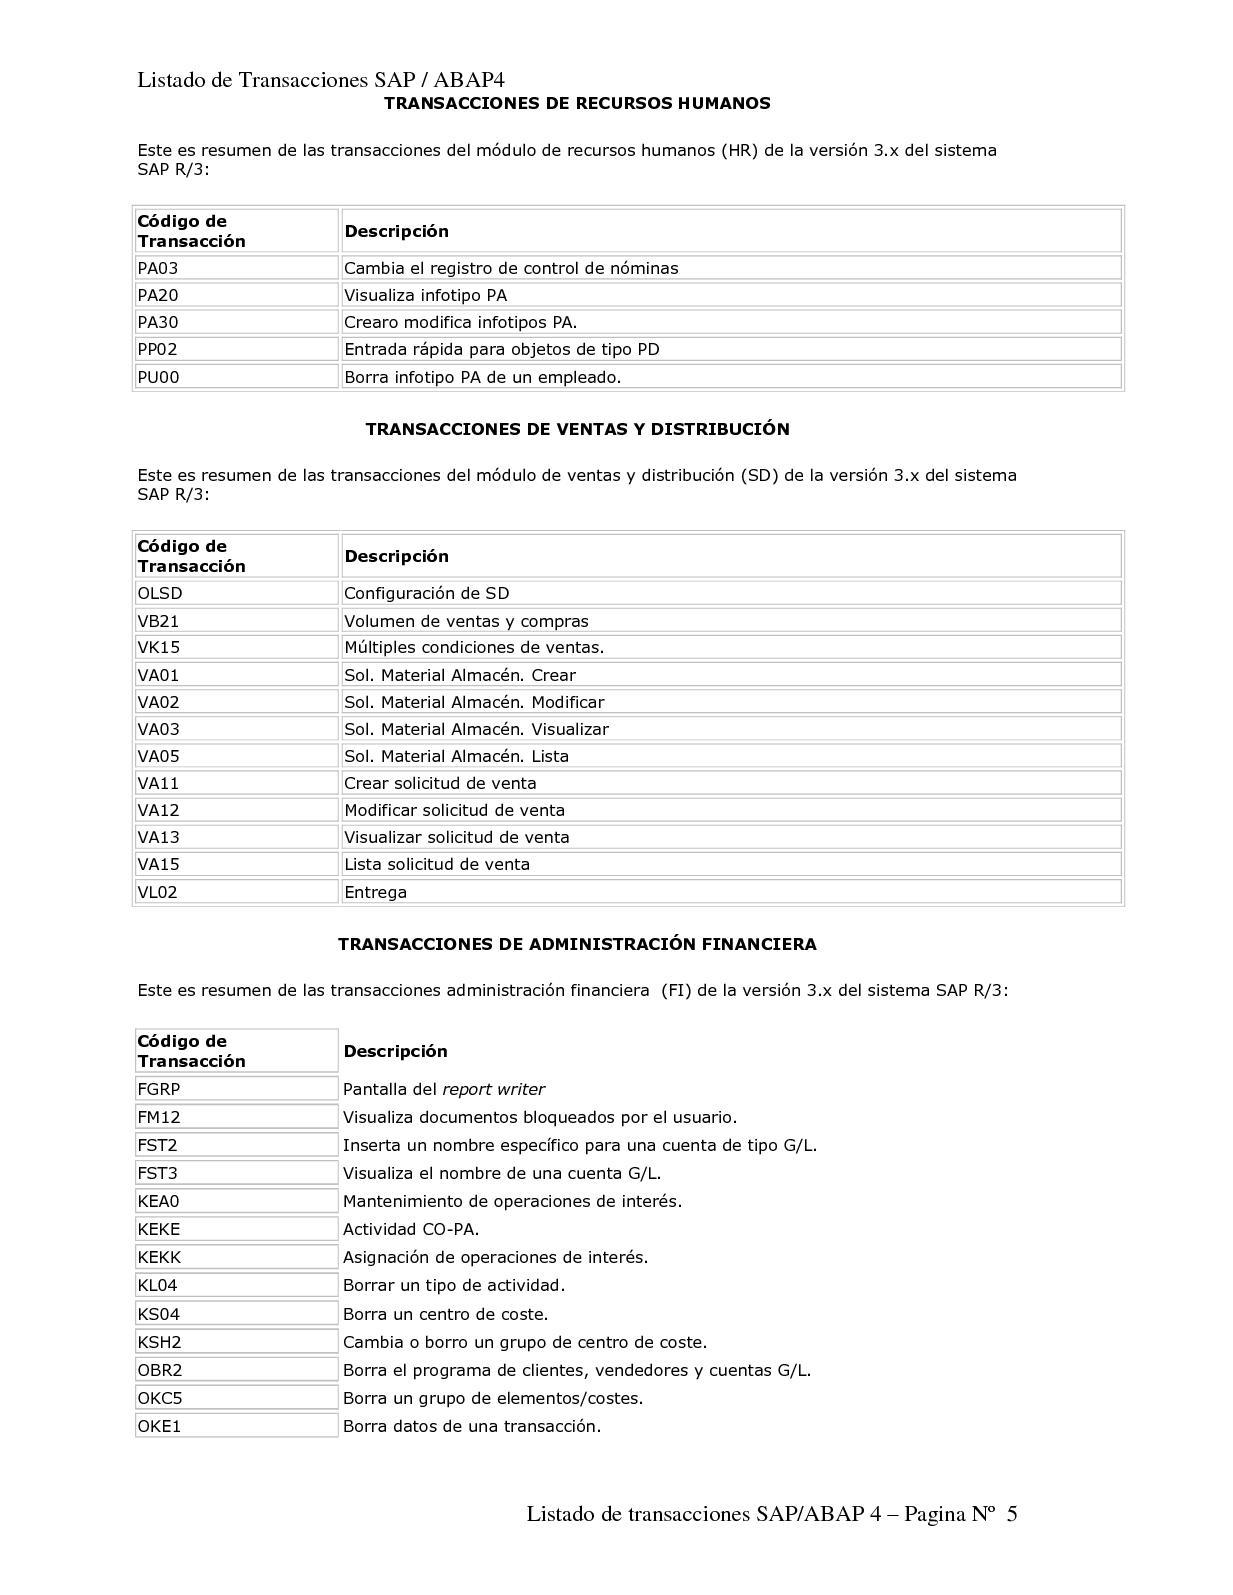 Sap Listado De Transacciones Calameo Downloader